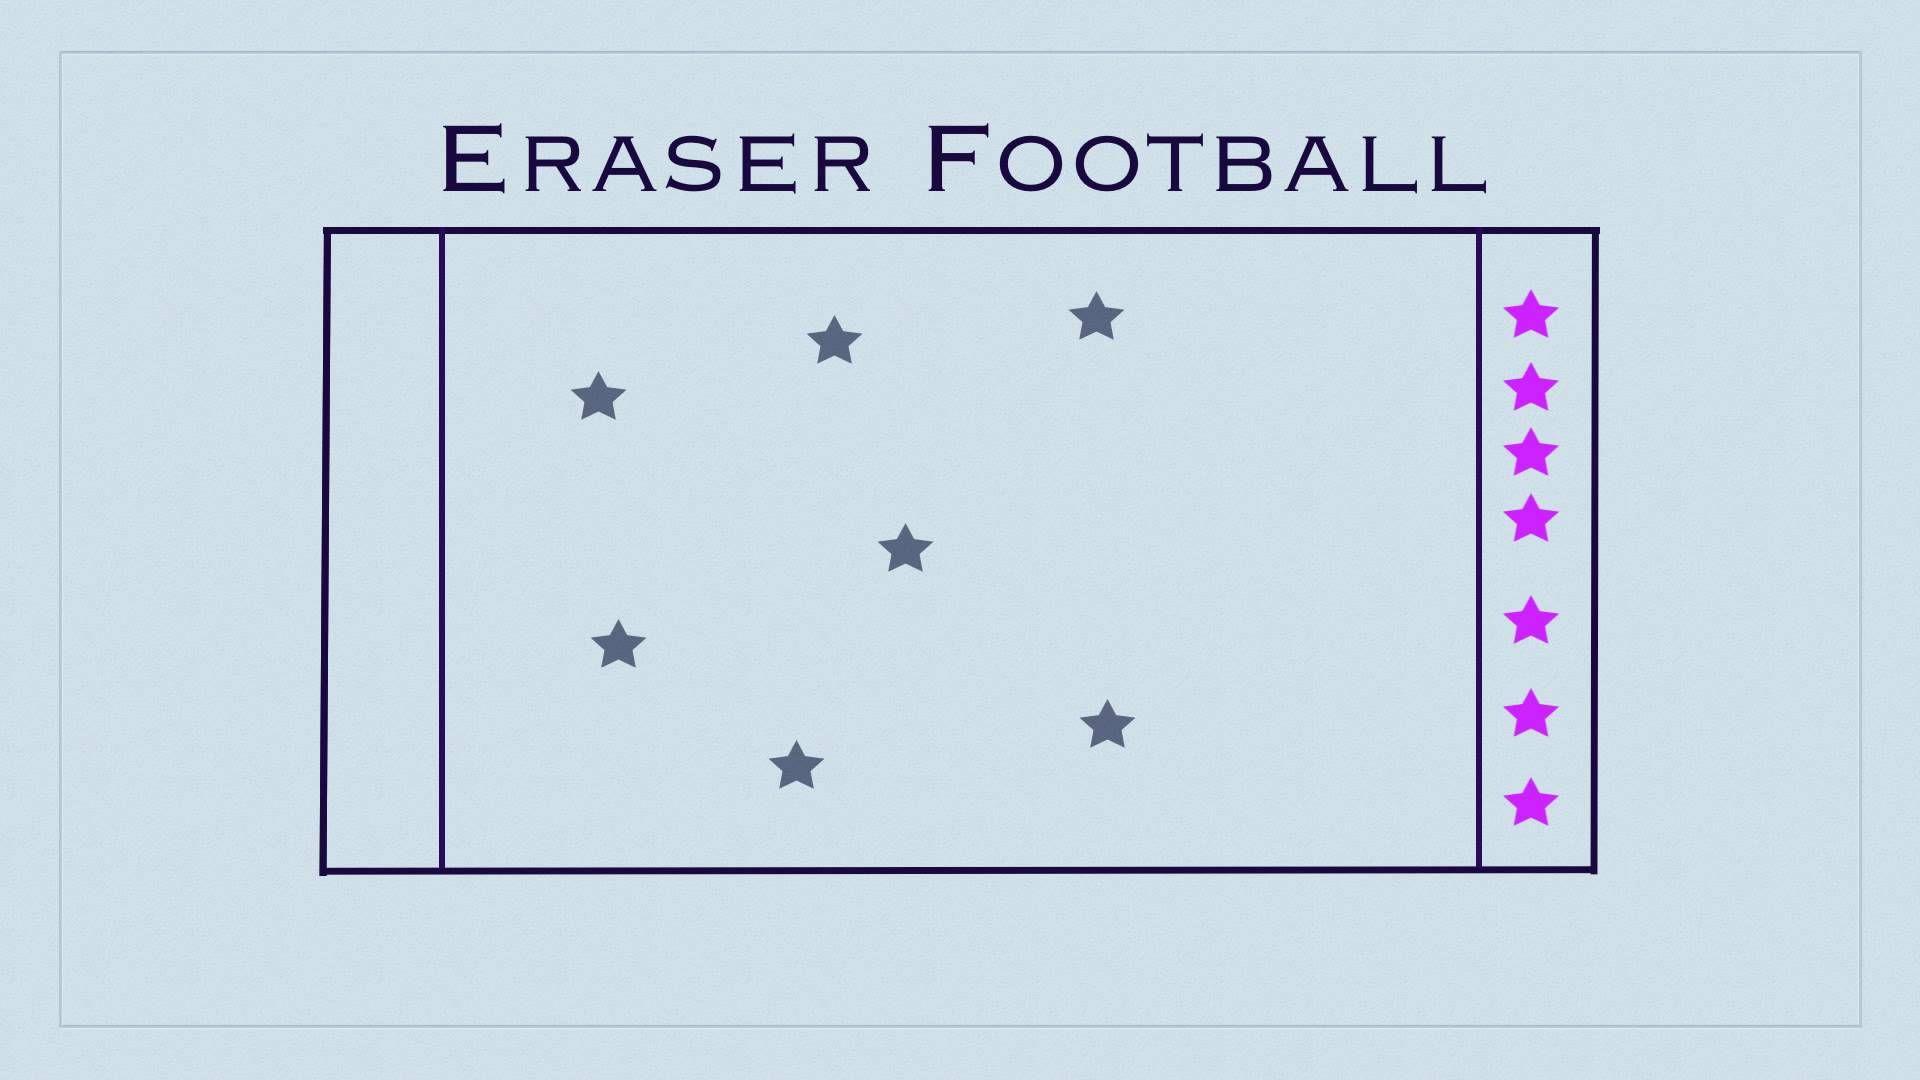 P E Games Eraser Football Offense Defense Concept Modify For